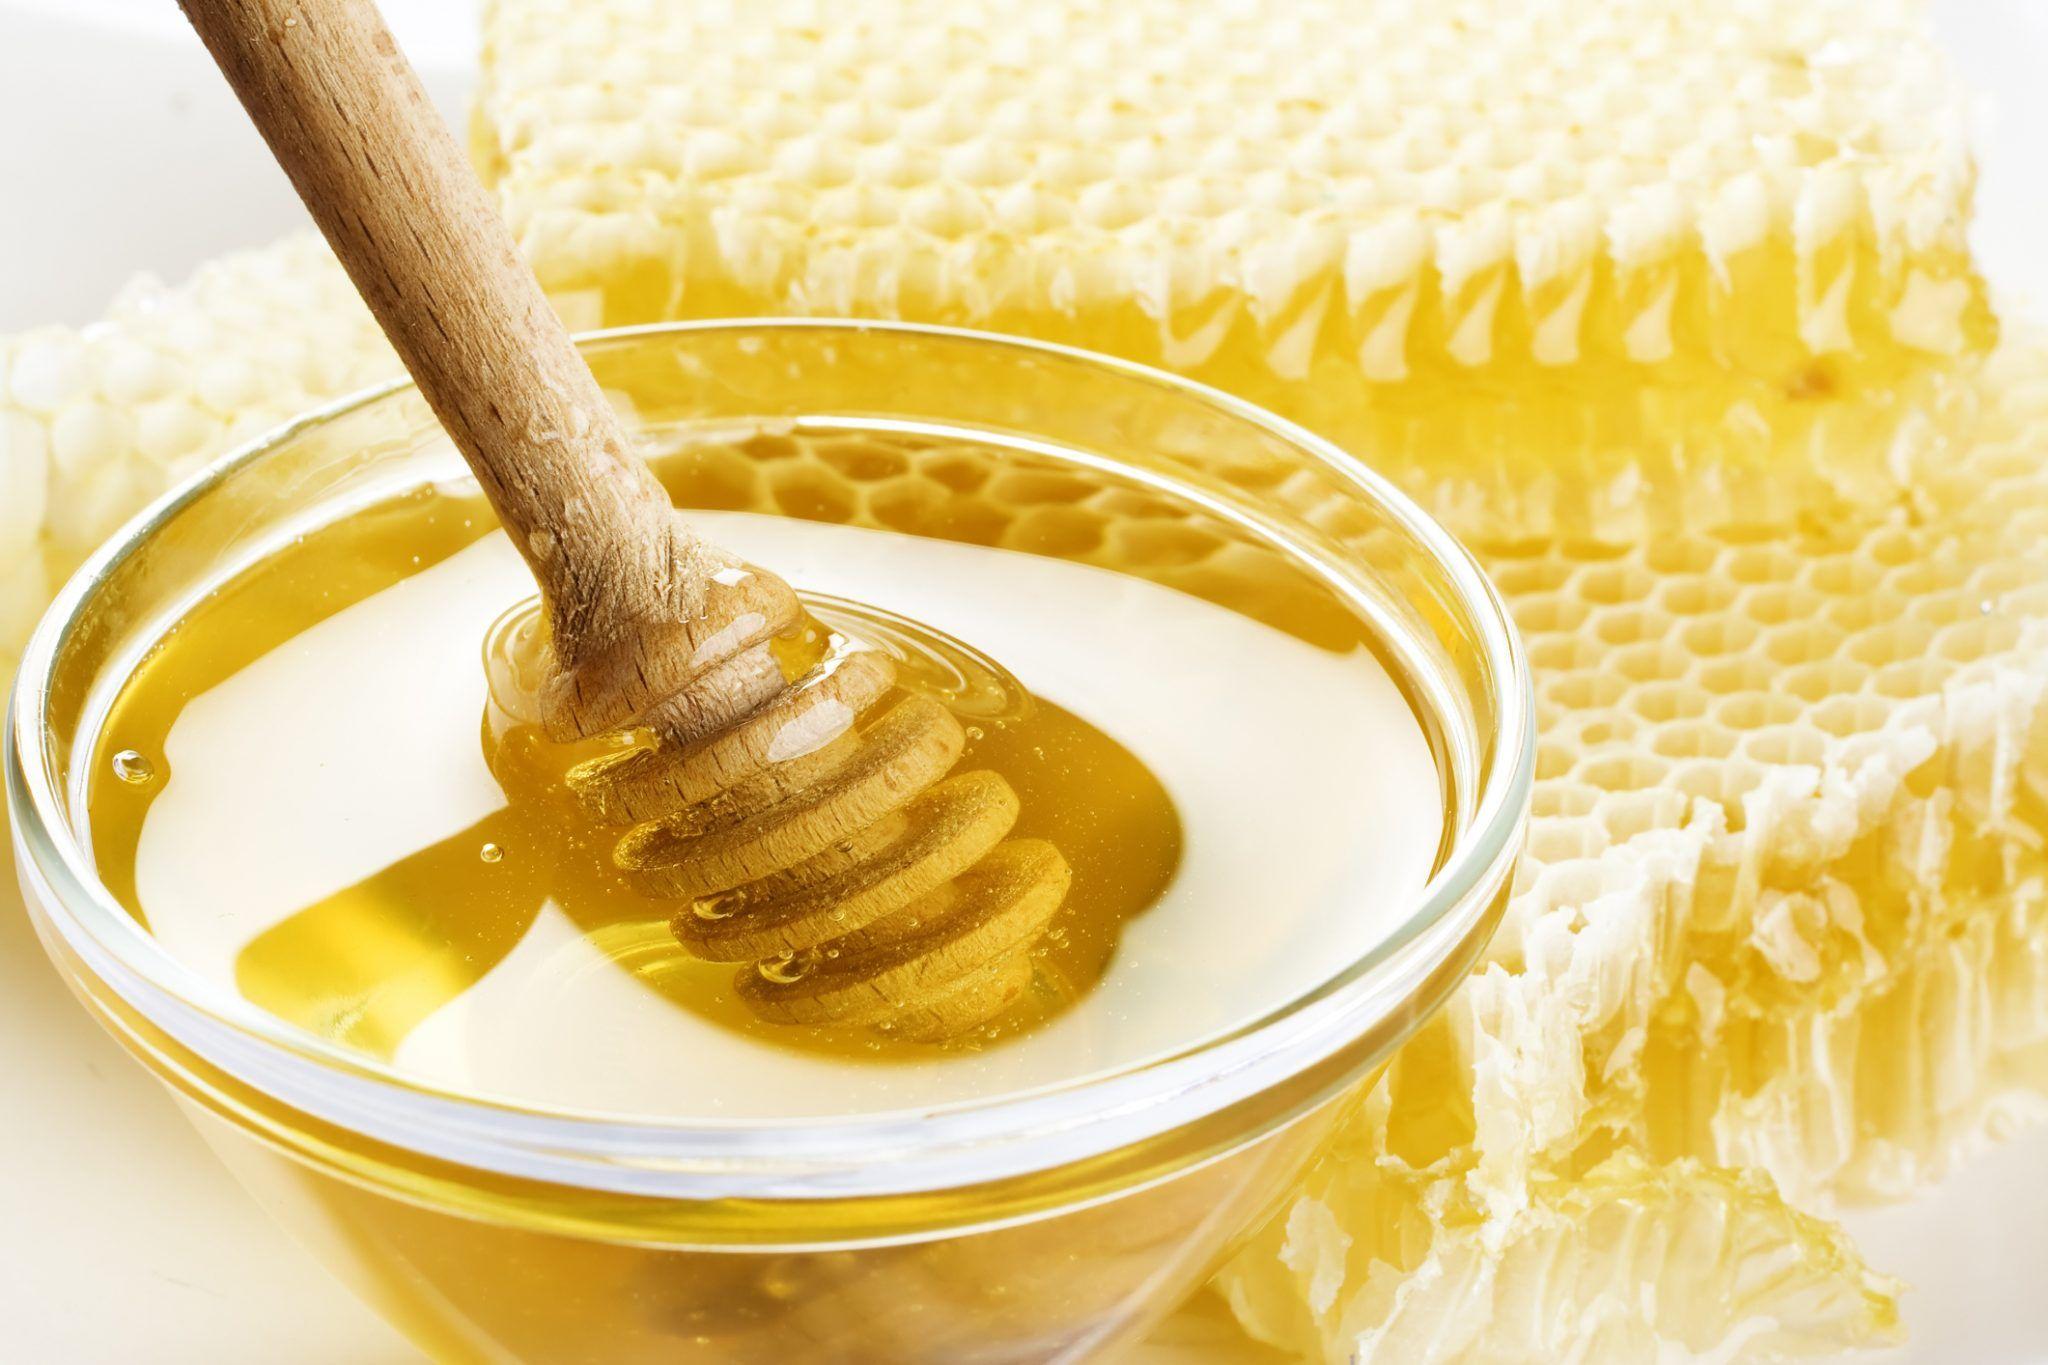 Gli usi alternativi del miele per la bellezza